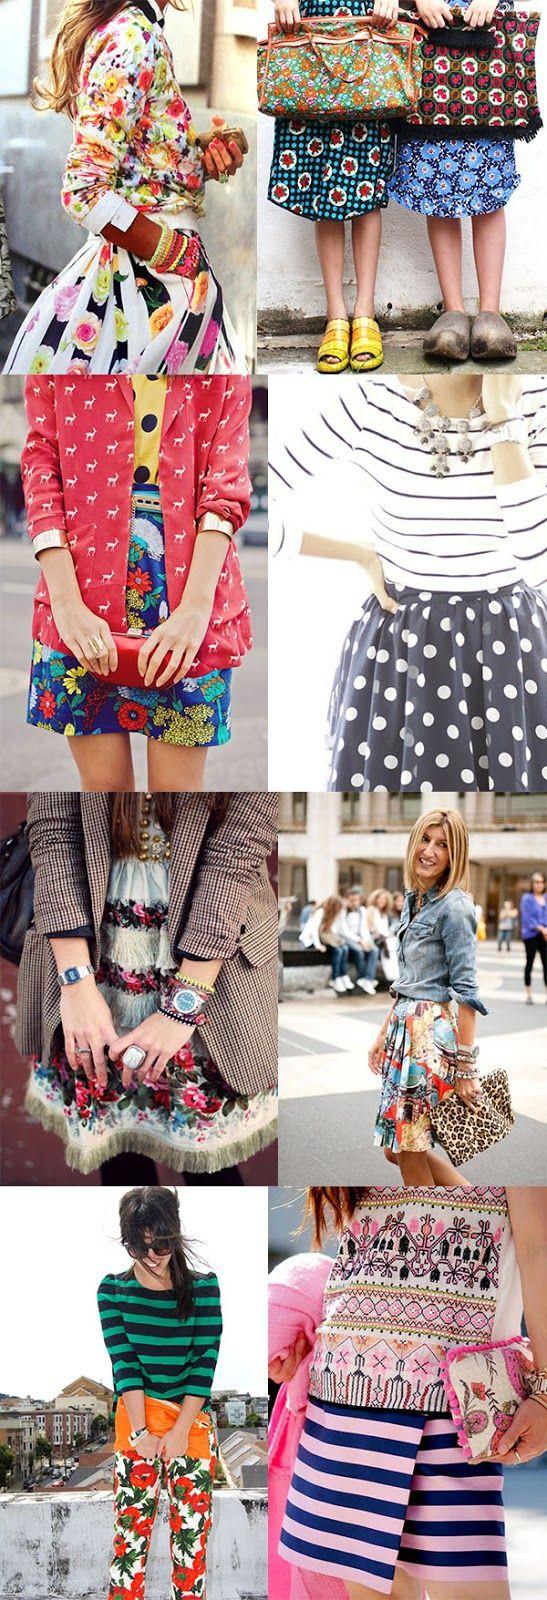 alisaburke: fashion friday pattern mixing